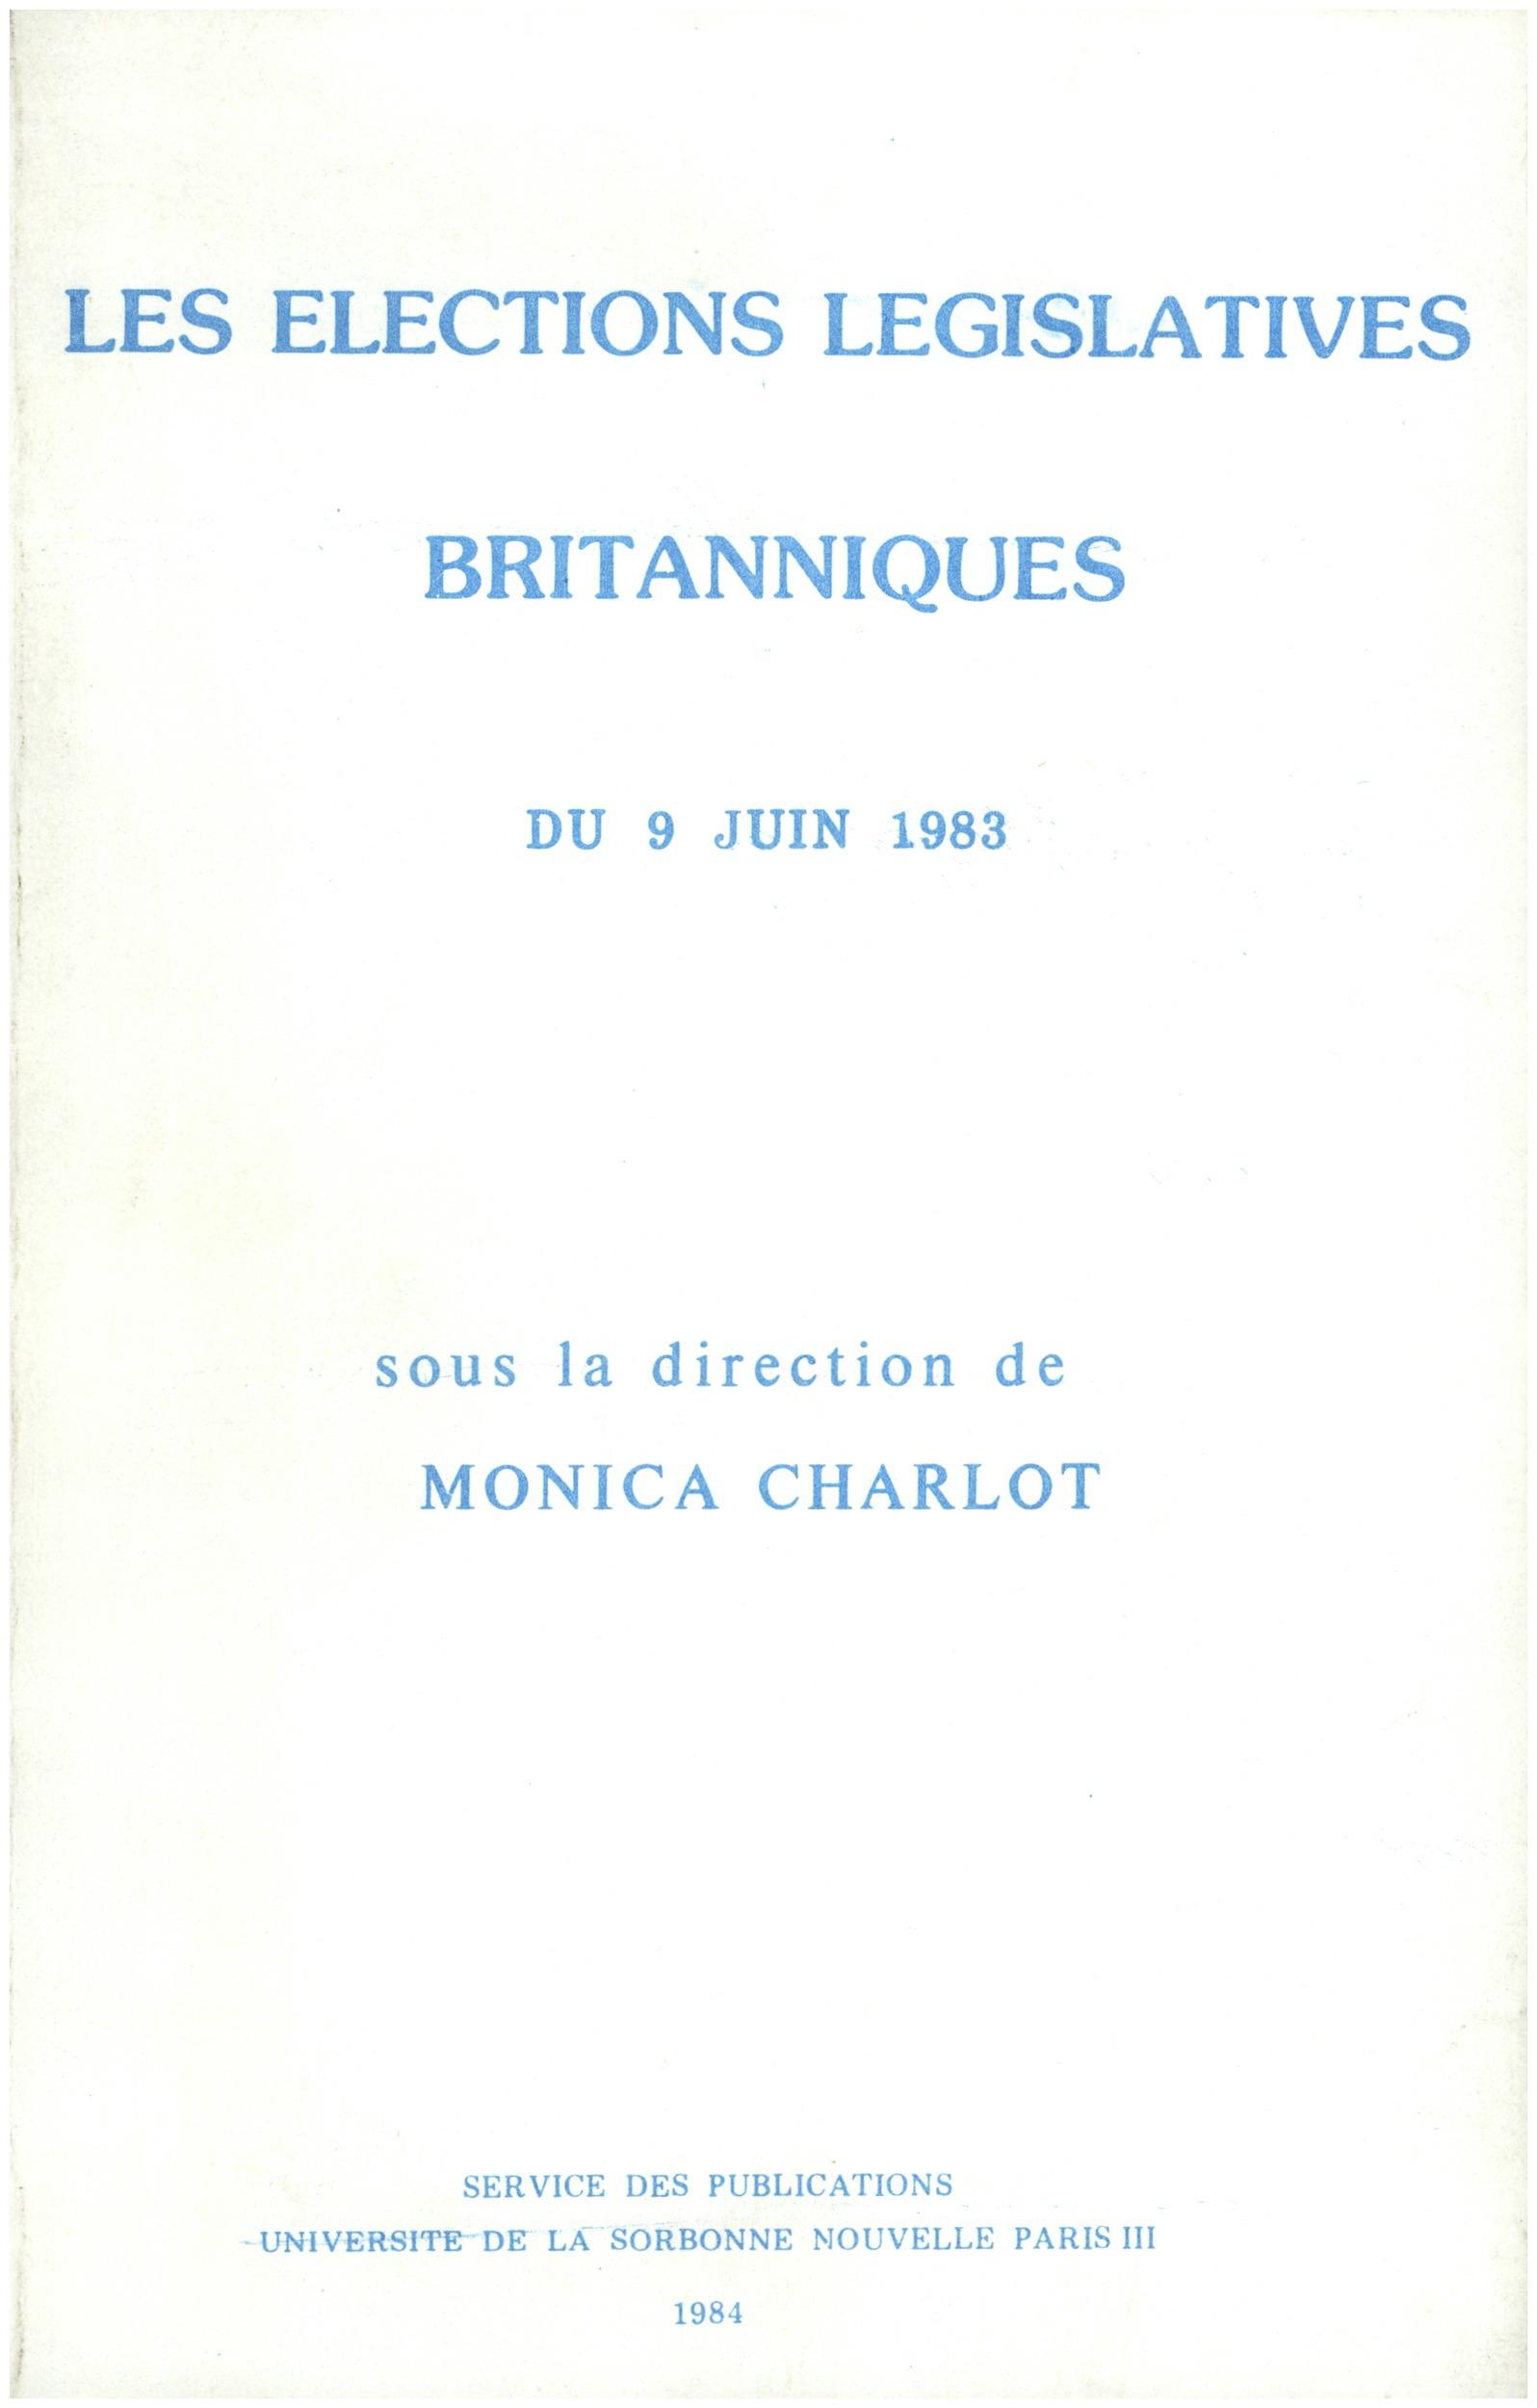 Les elections legislatives britanniques du 9 juin 1983 - [colloque international des 17 et 18 novemb